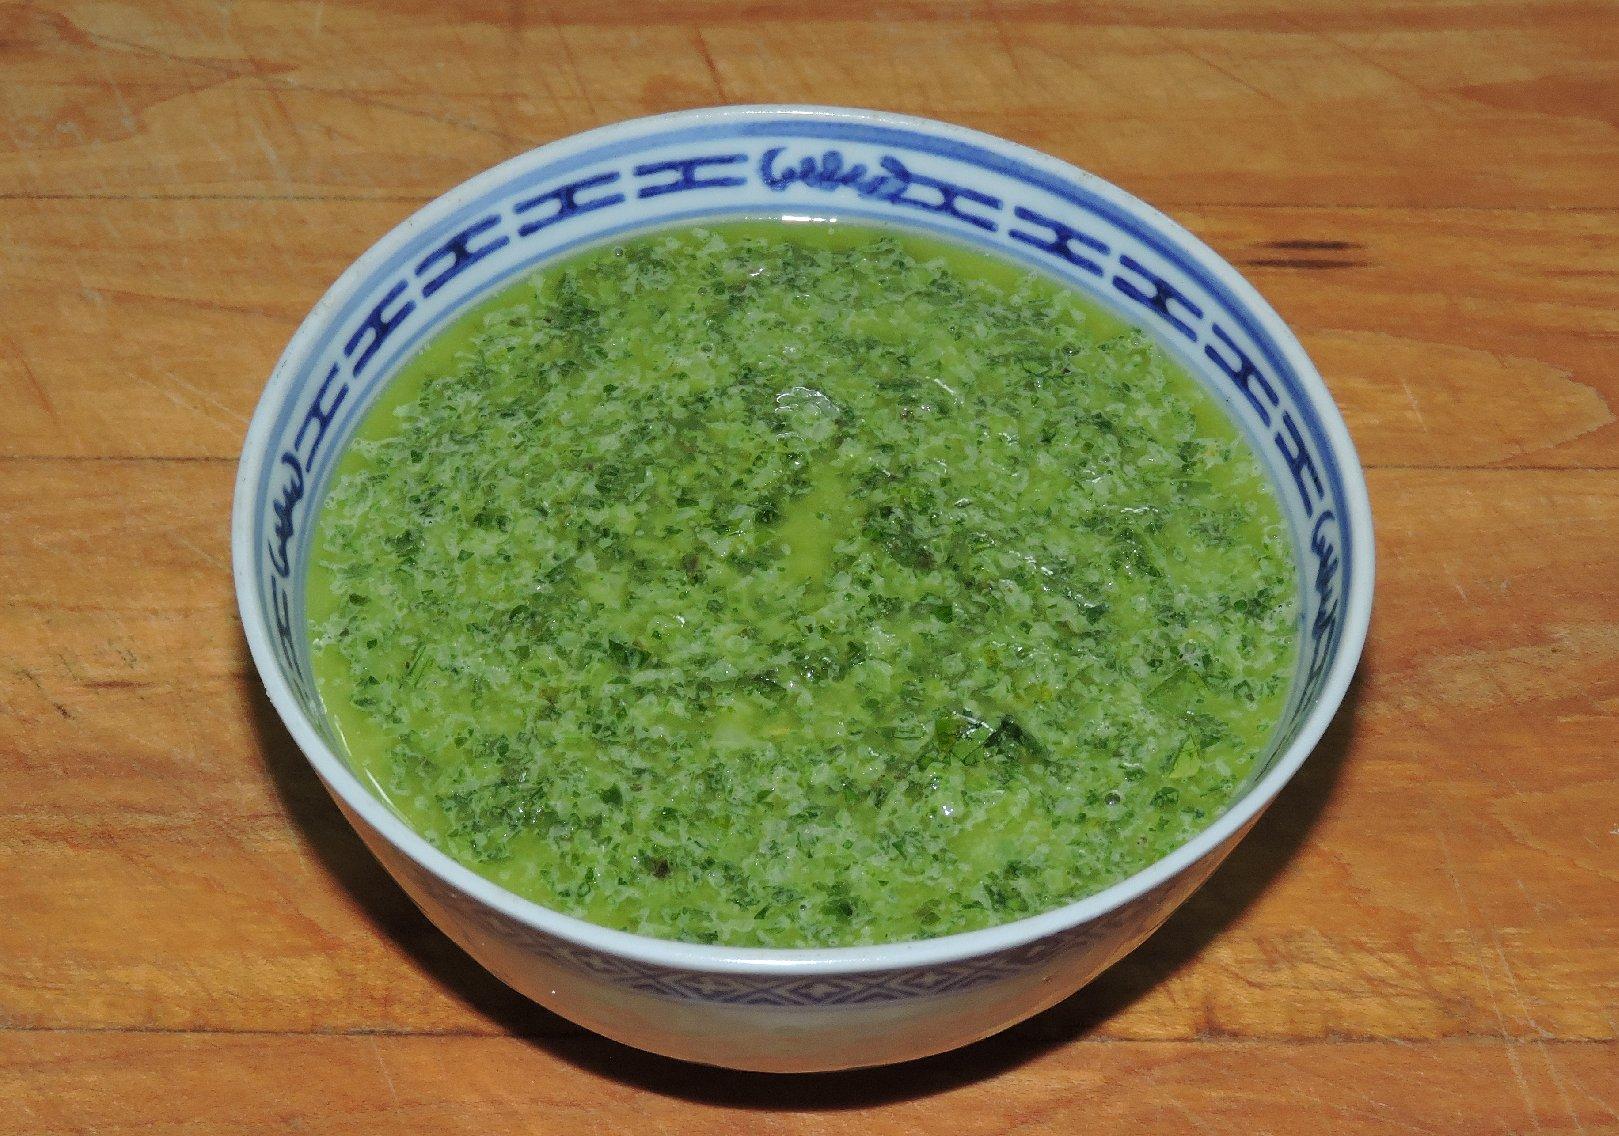 miint-jalapeno-salsa-1